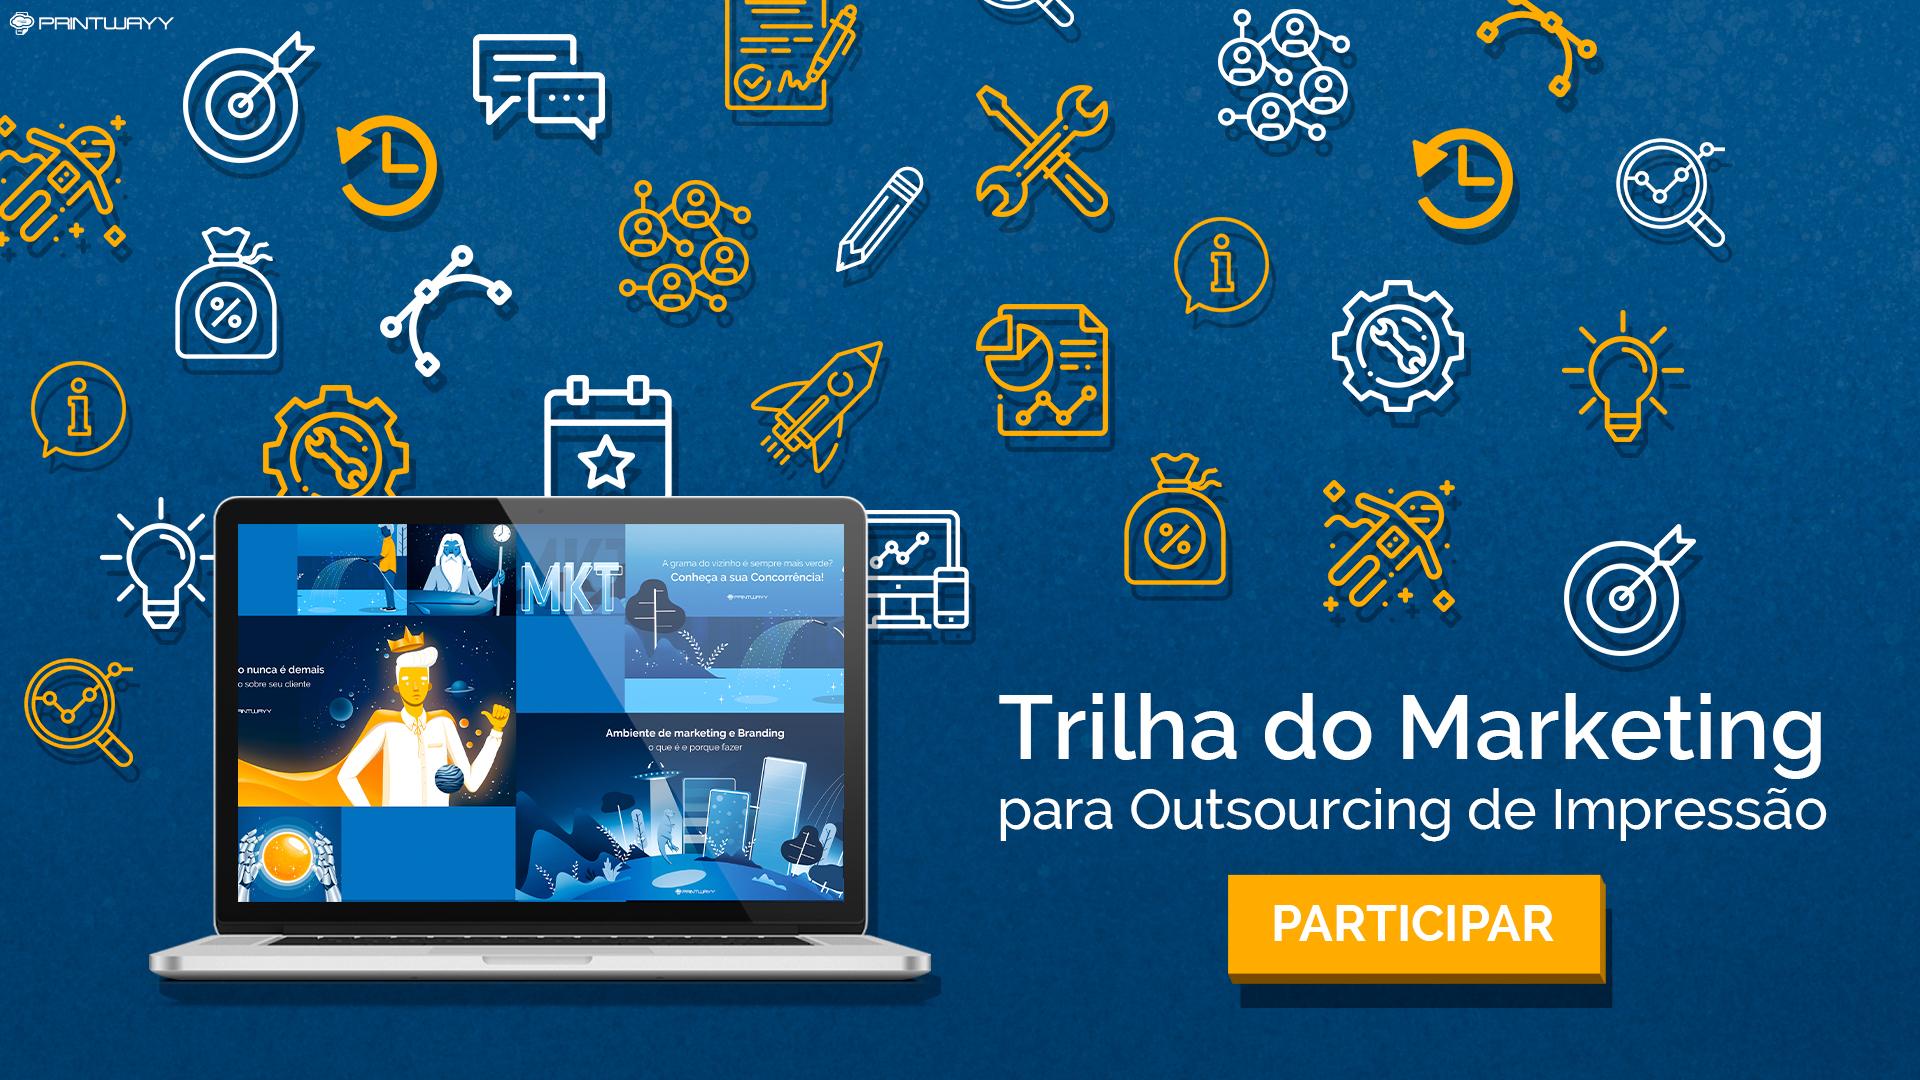 Convite para participar da Trilha do Marketing para Outsourcing de Impressão da PrintWayy.